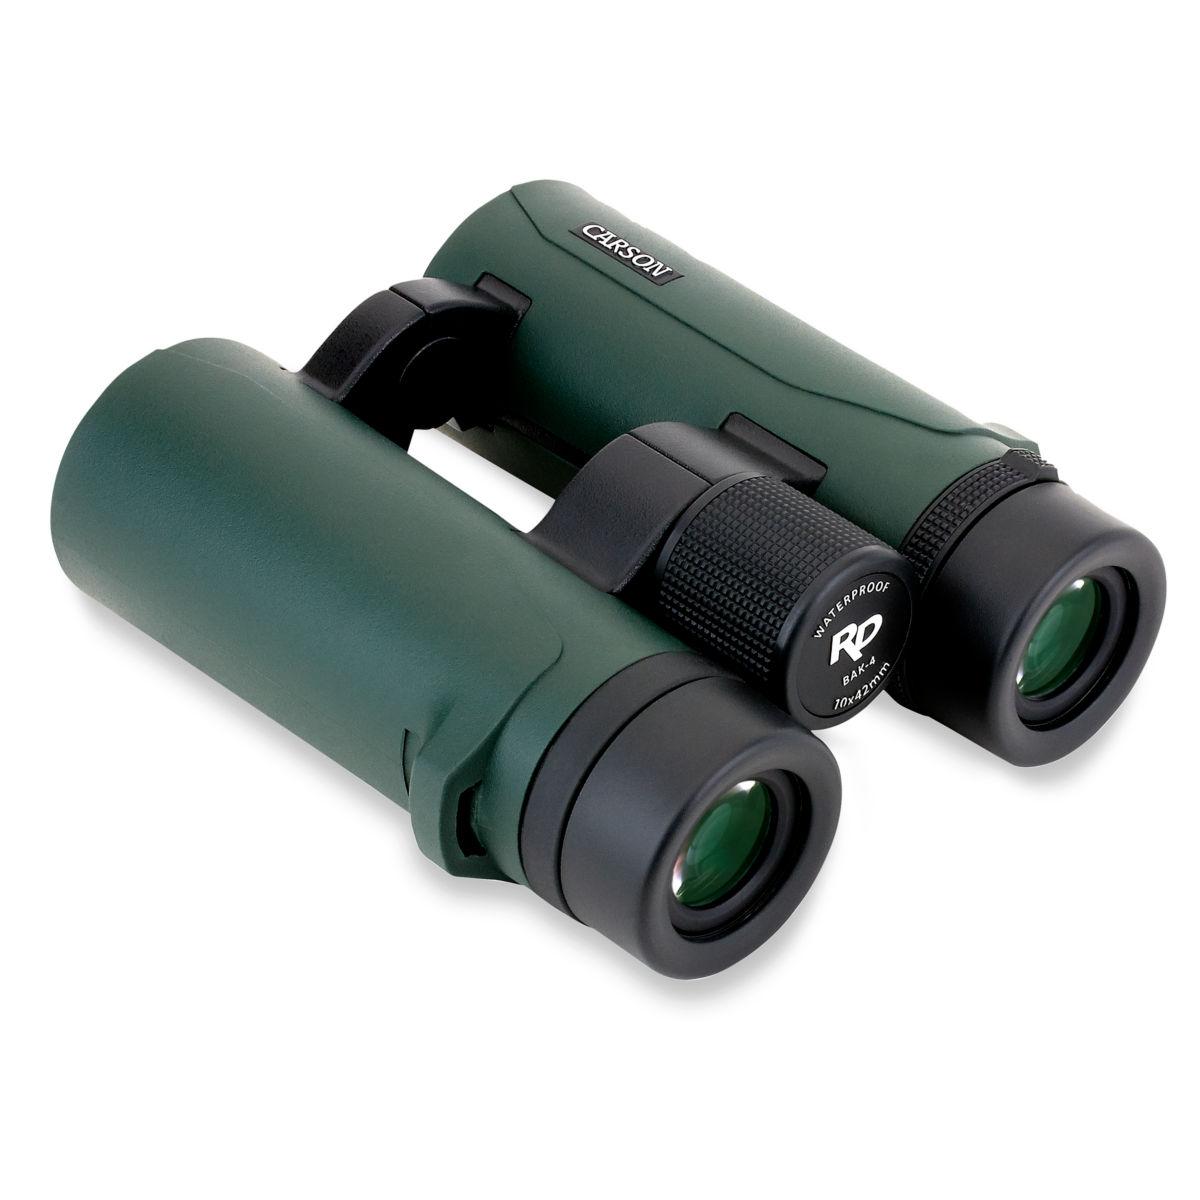 RD Series Pocket Binoculars - image number 0